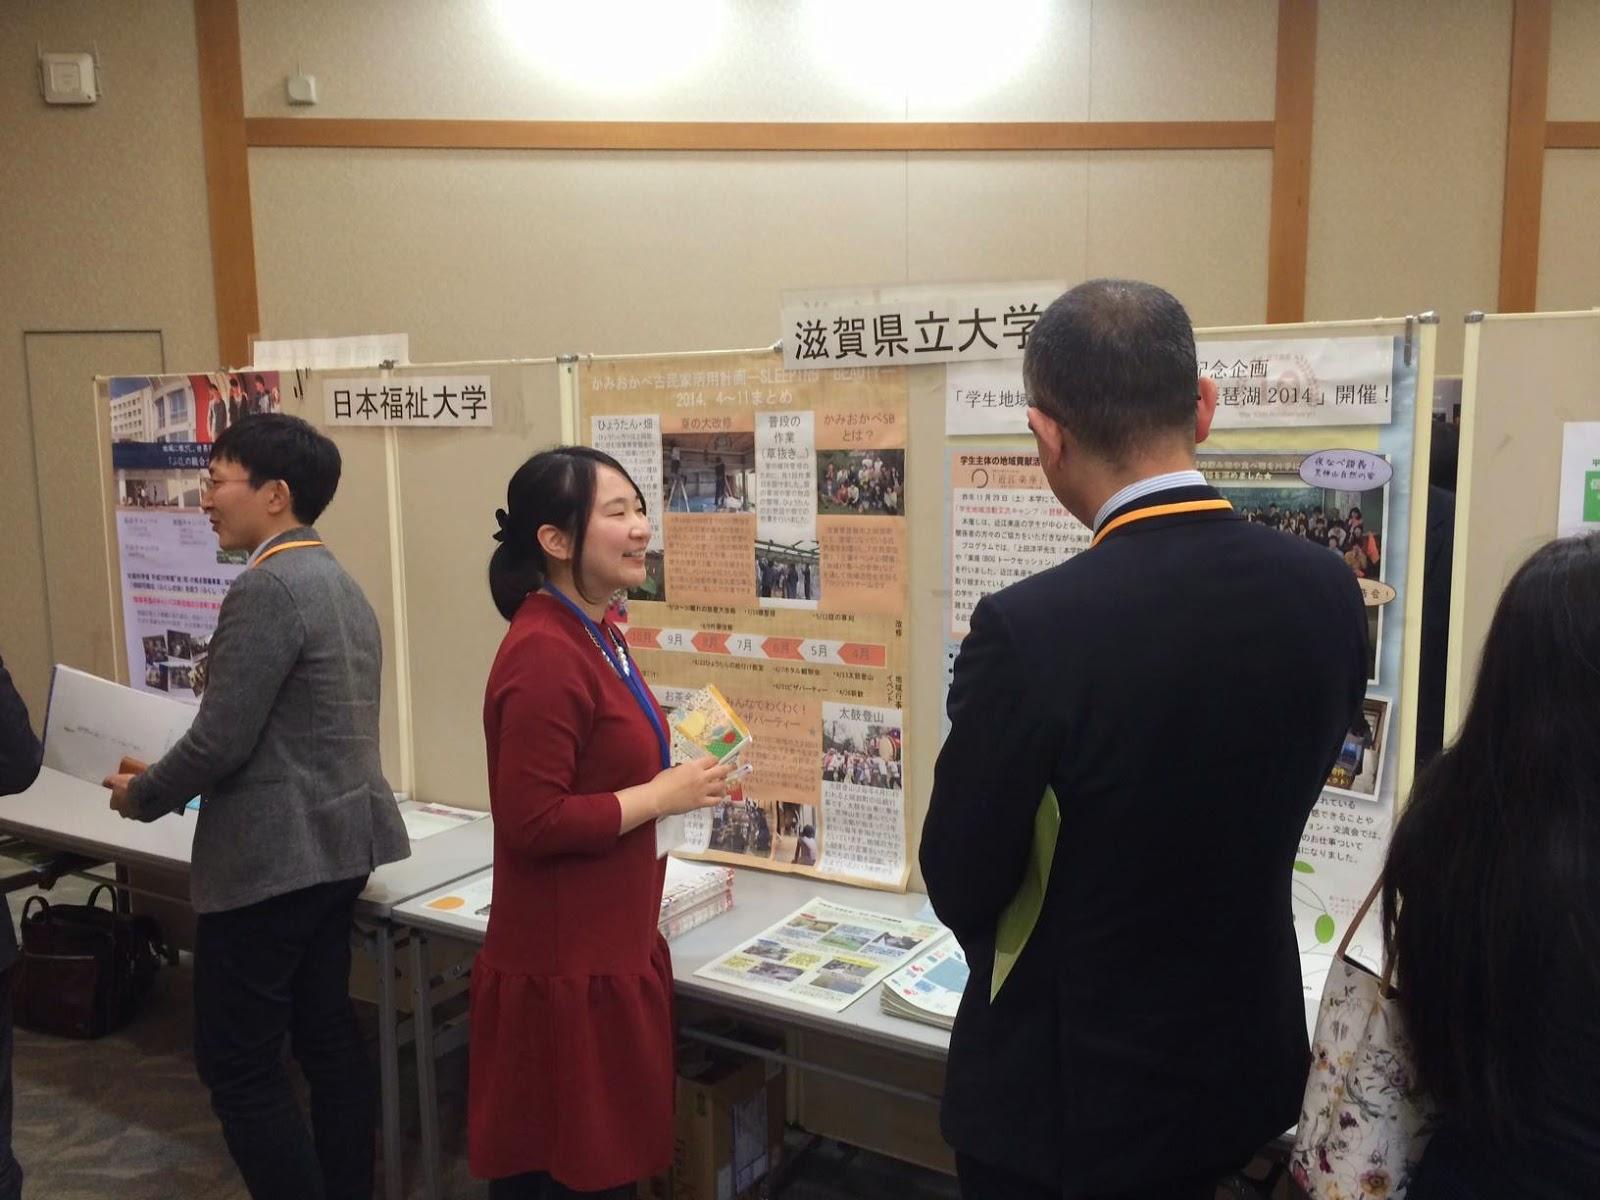 本学のブースにて。近江楽座の活動紹介をする村尾さん。